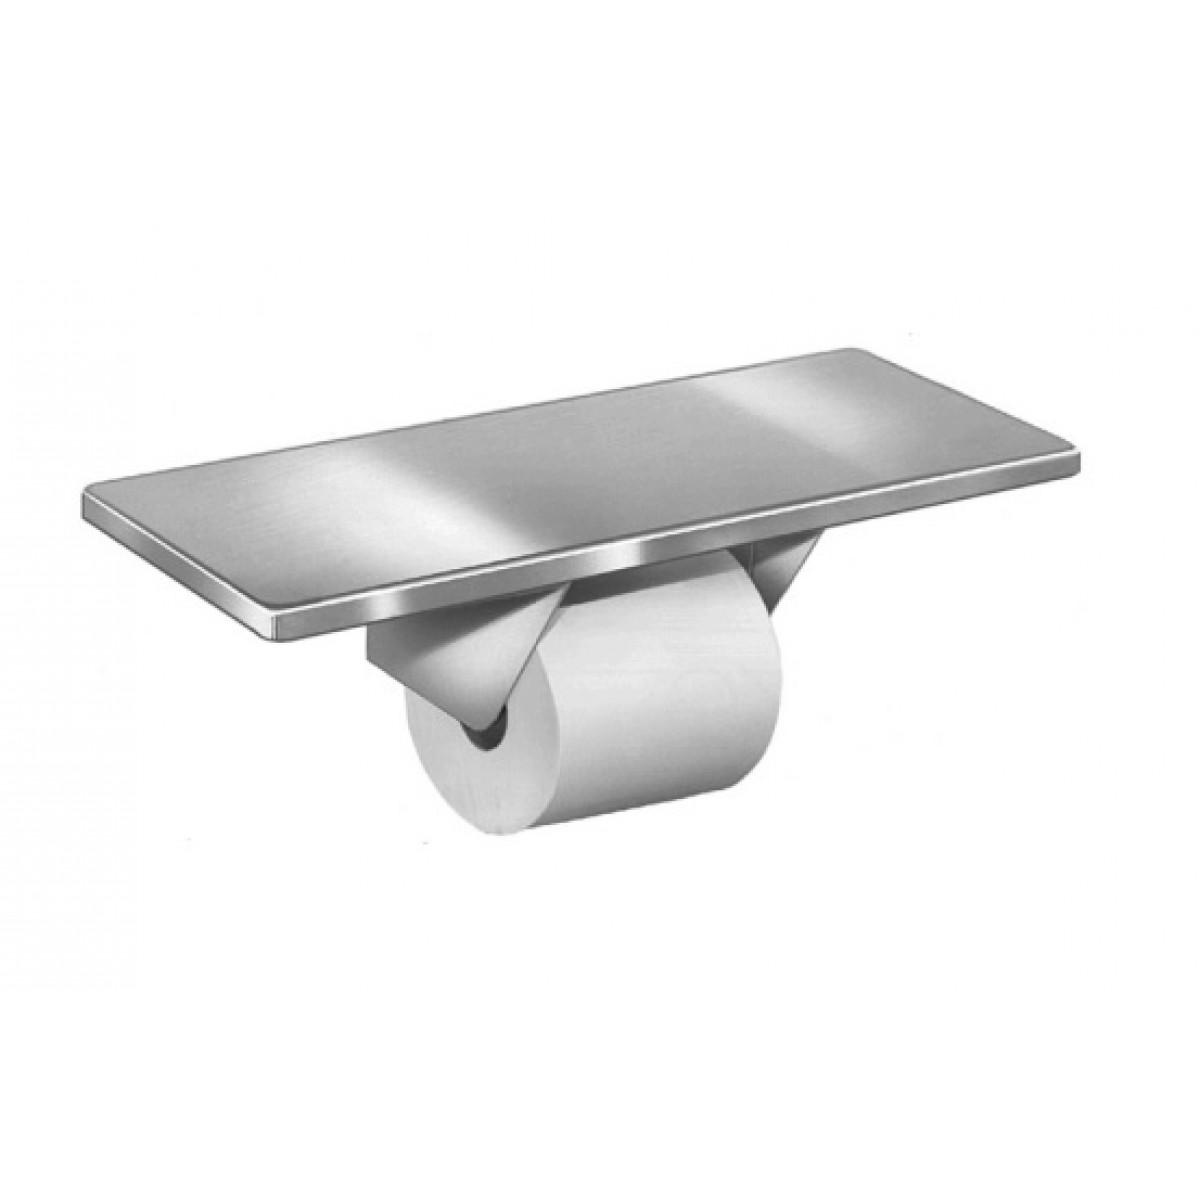 Bradley 5262 Single Roll Toilet Paper Dispenser With Shelf